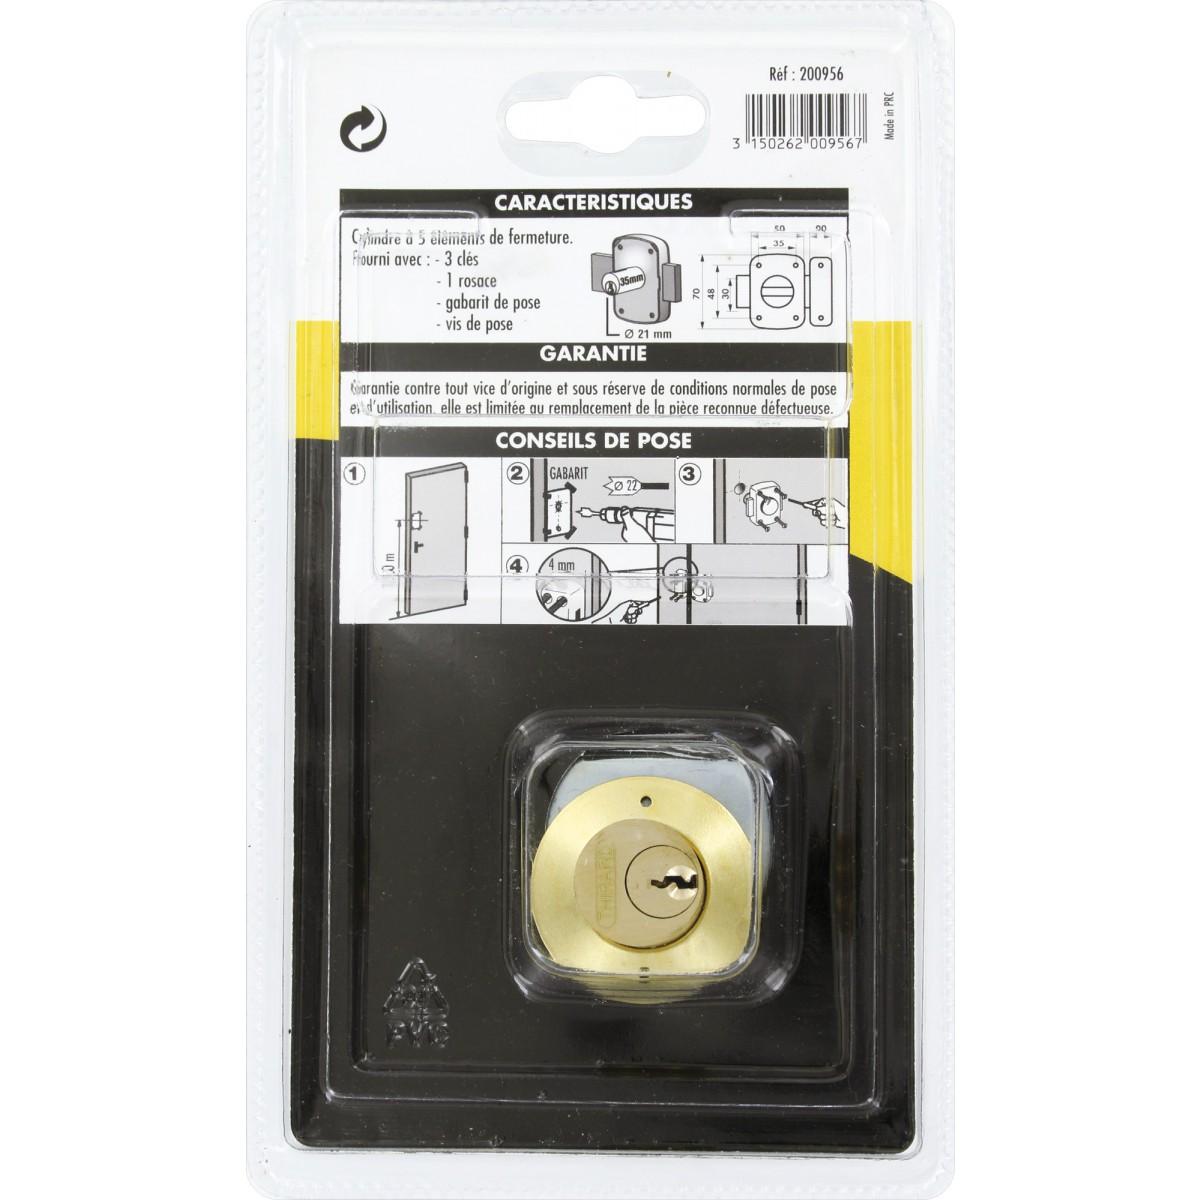 Verrou de sureté série Alouette Thirard - Dimensions 35 mm